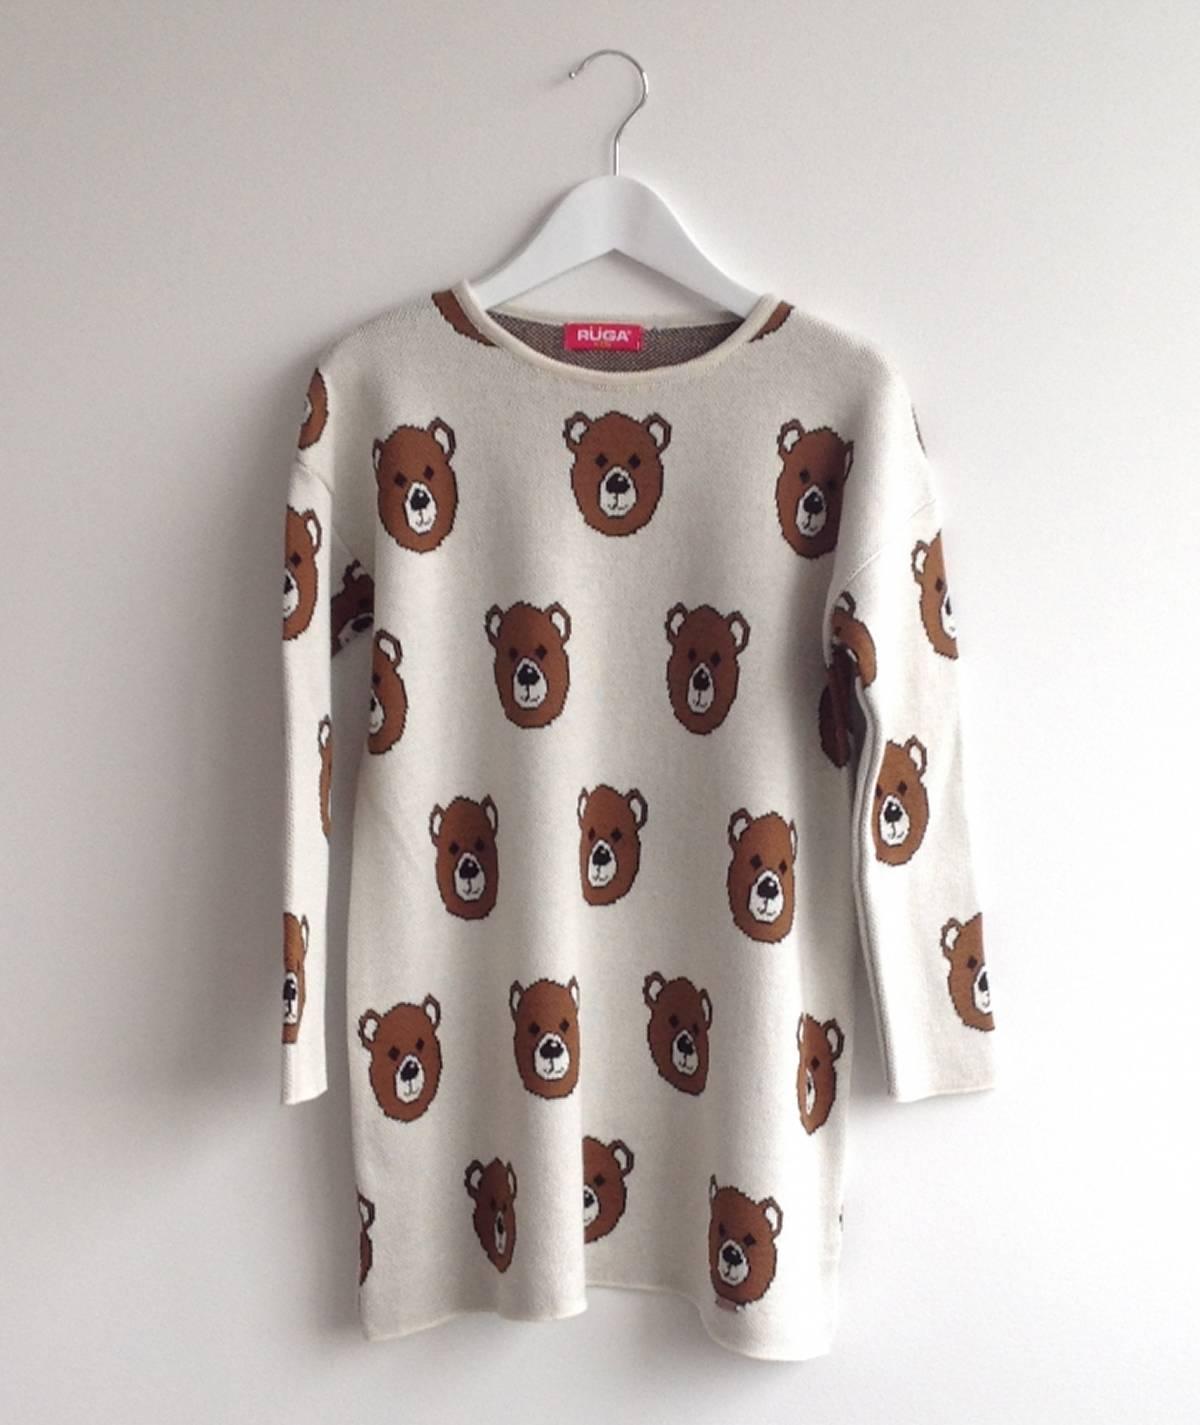 Vestido com ursos para criança